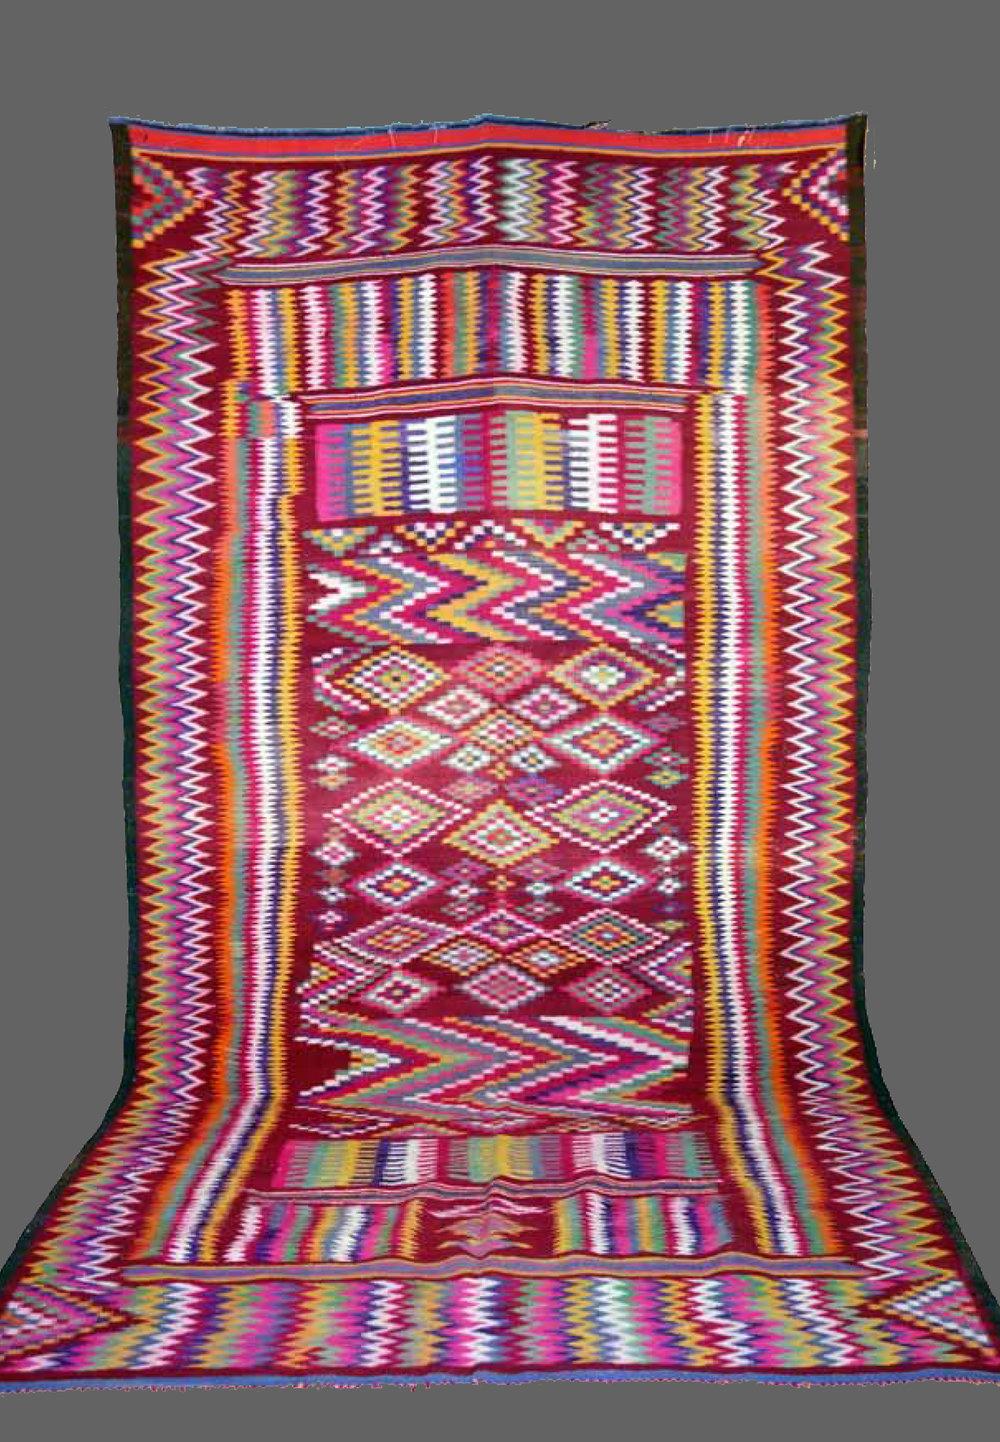 Ethnie : Gafsa  Origine : Tunisie  Année : 1970  Dimensions : 3,58 x 1,93  Technique : tissage serré  Description : Superbe kilim, riche en couleurs et graphisme, art cinétique  Référence : KG 005  Prix : 1300€